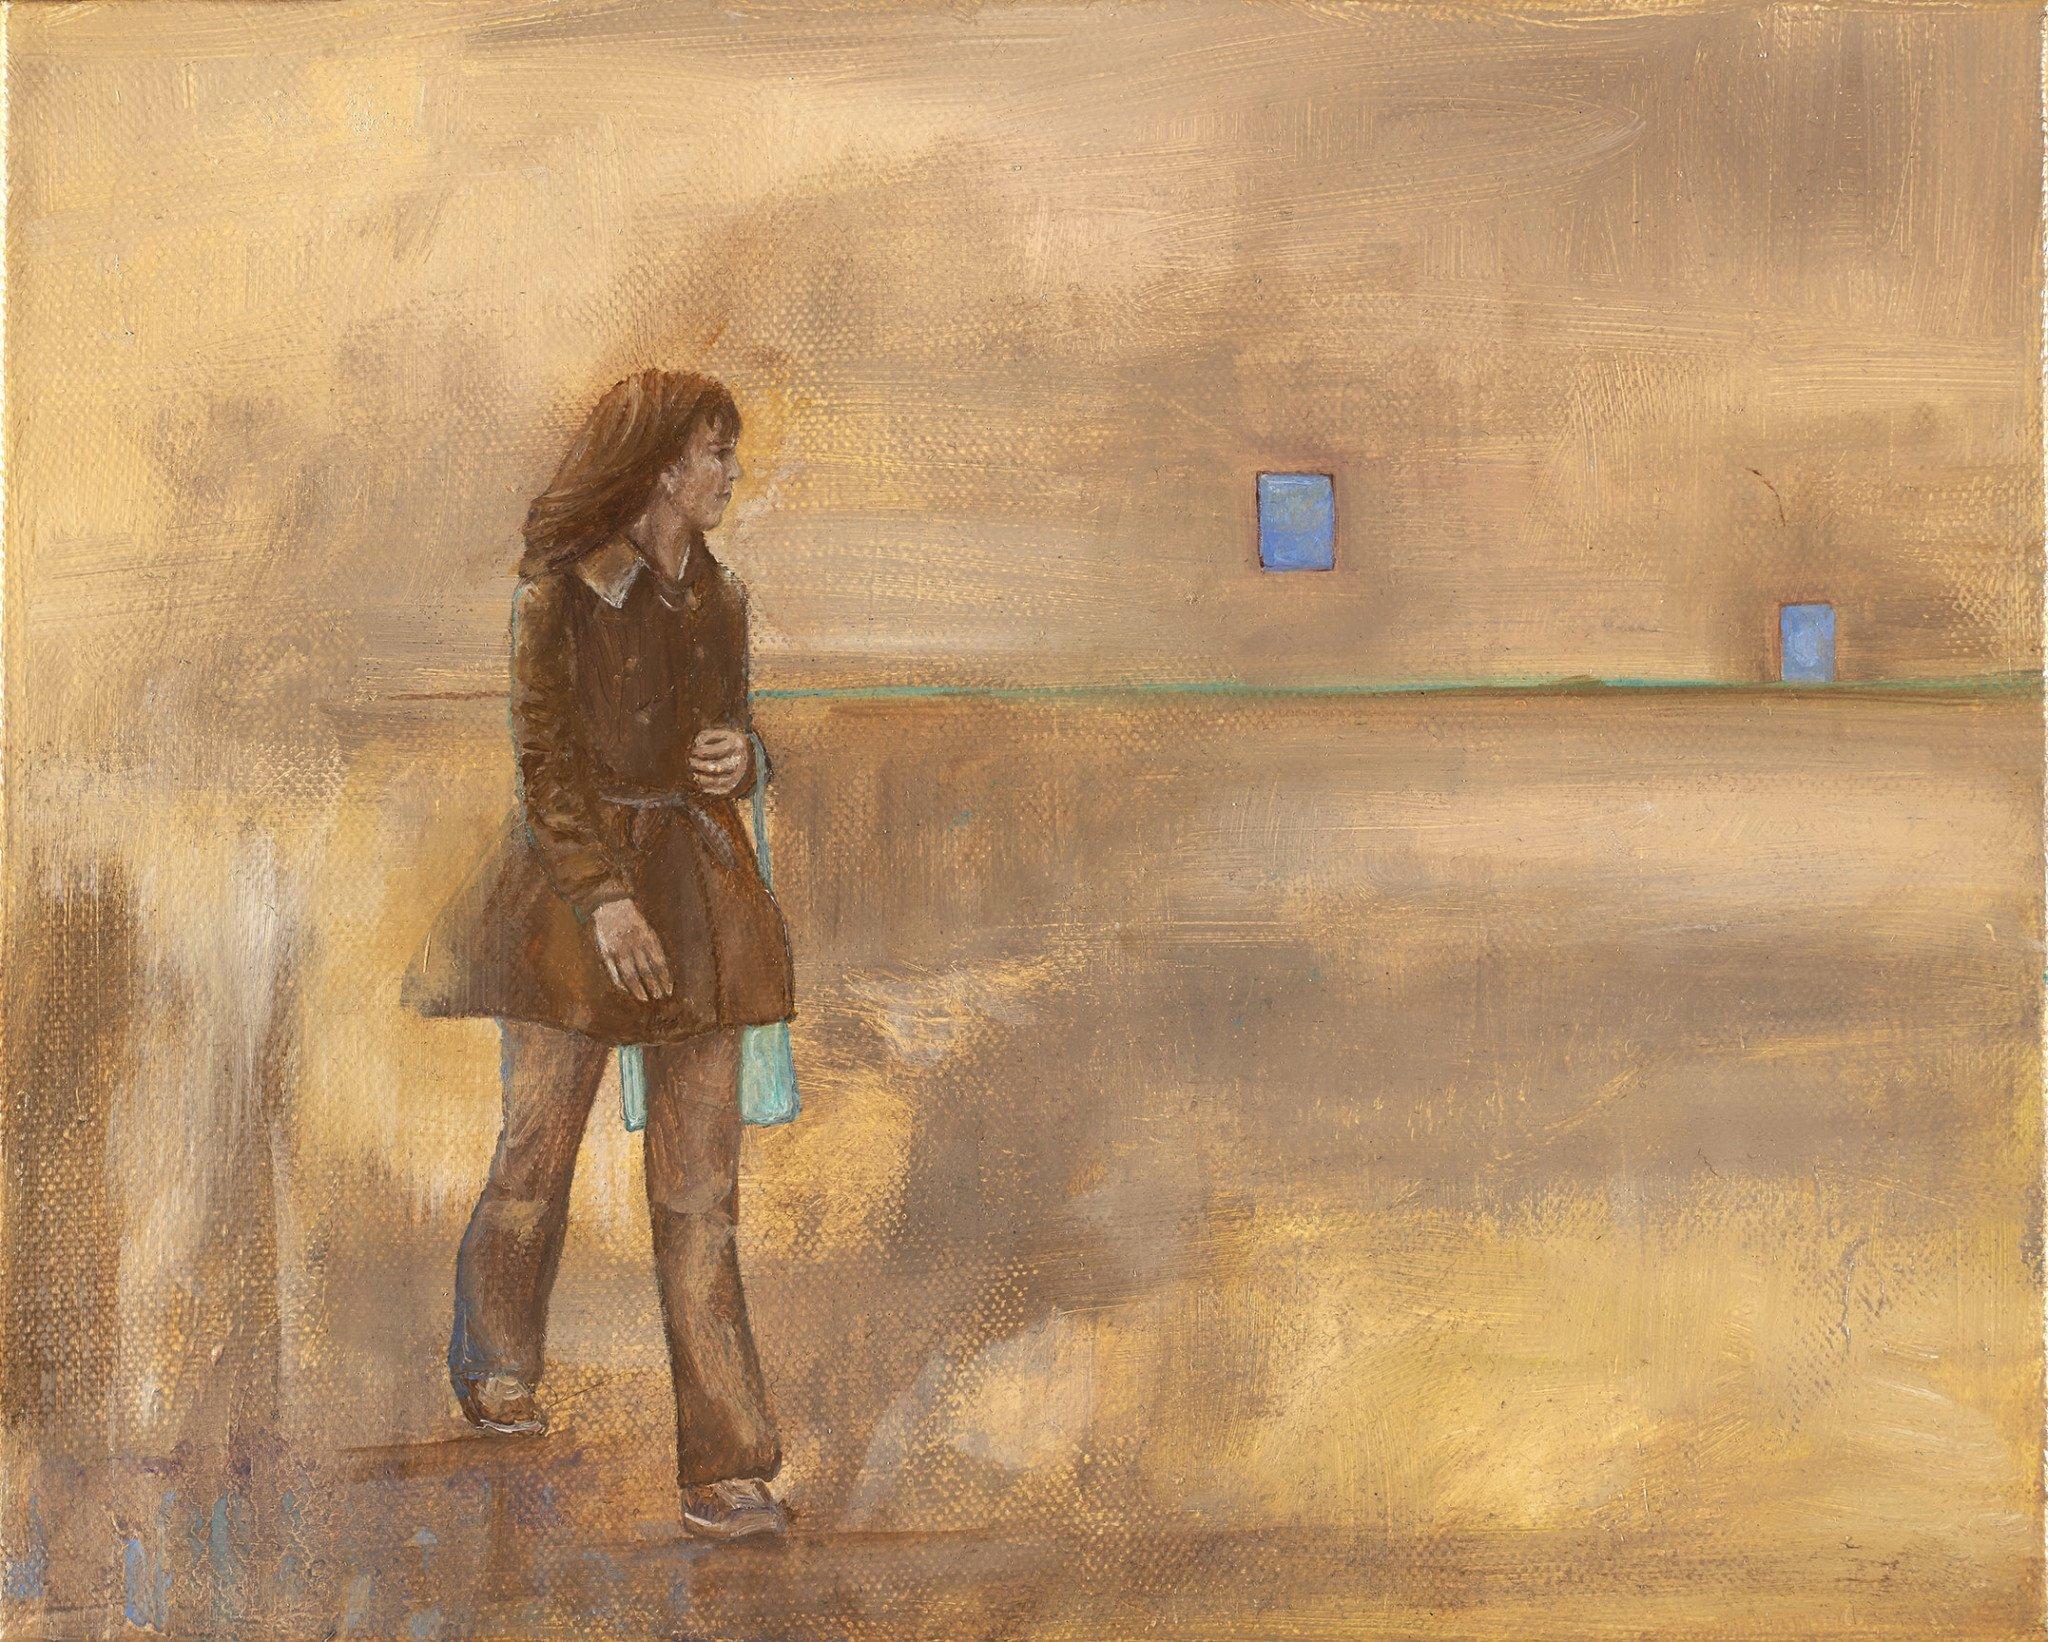 Μπορεί ένας καλλιτέχνης να ζήσει από την τέχνη του στην Ελλάδα;